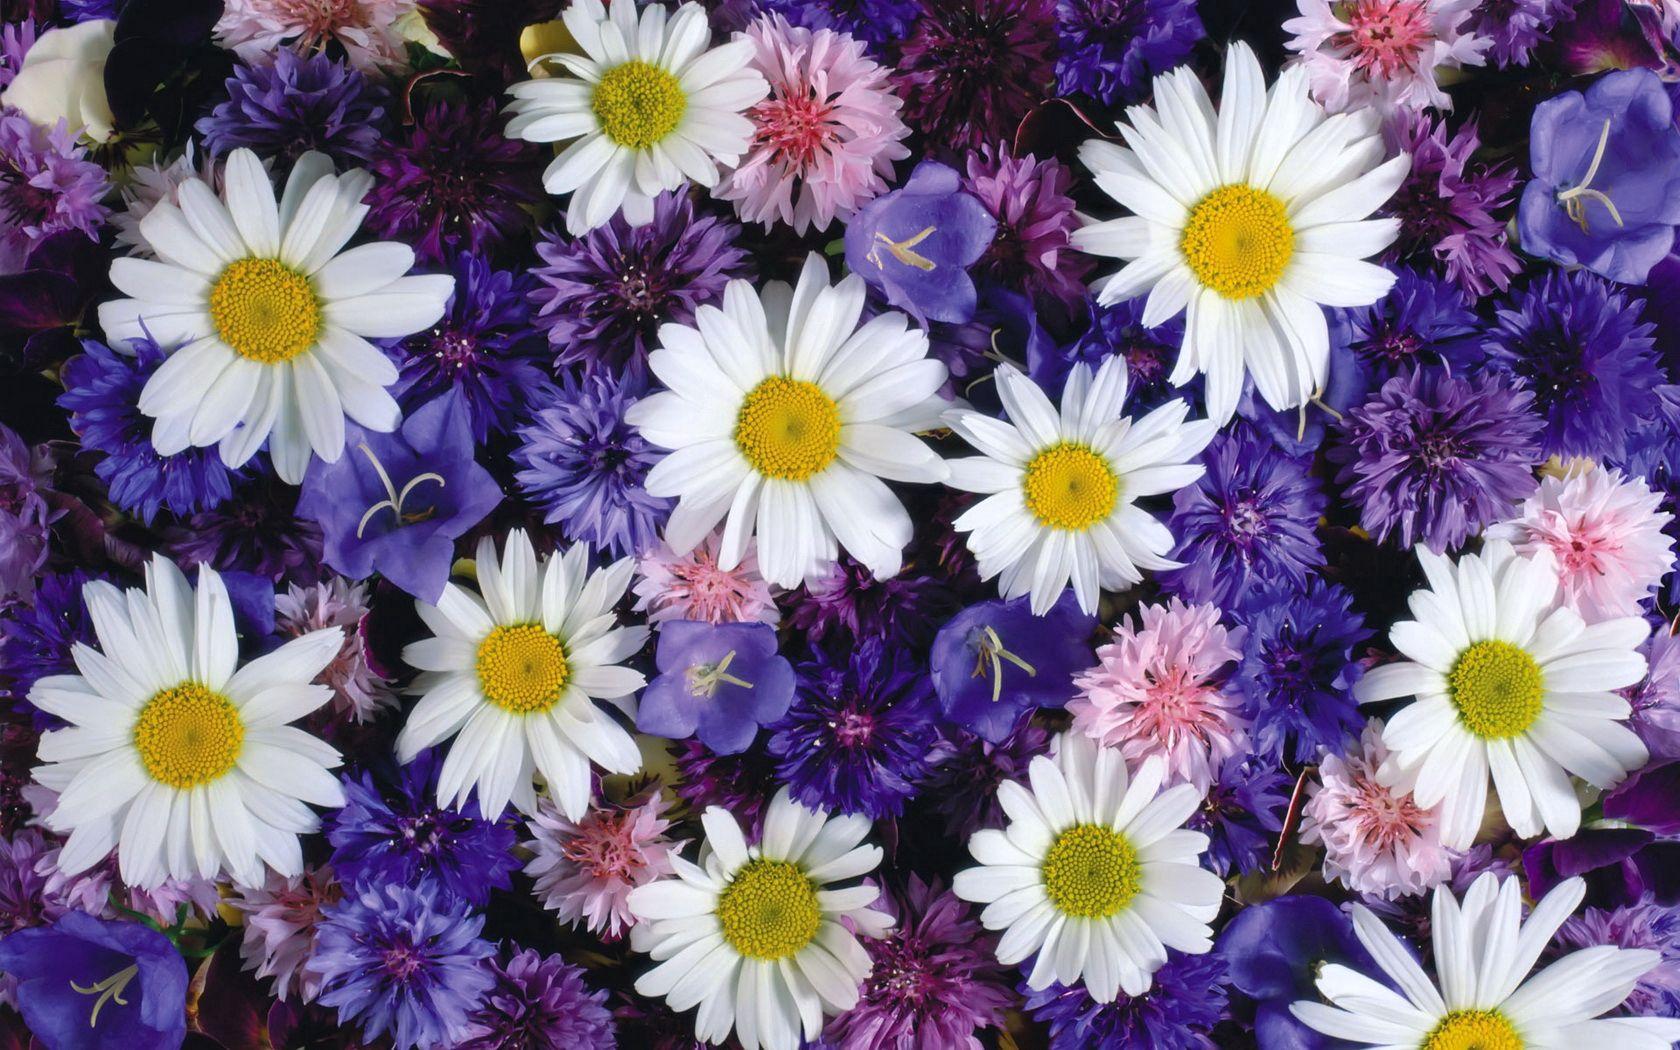 71418 скачать обои Цветы, Ромашки, Васильки, Колокольчики, Яркие - заставки и картинки бесплатно